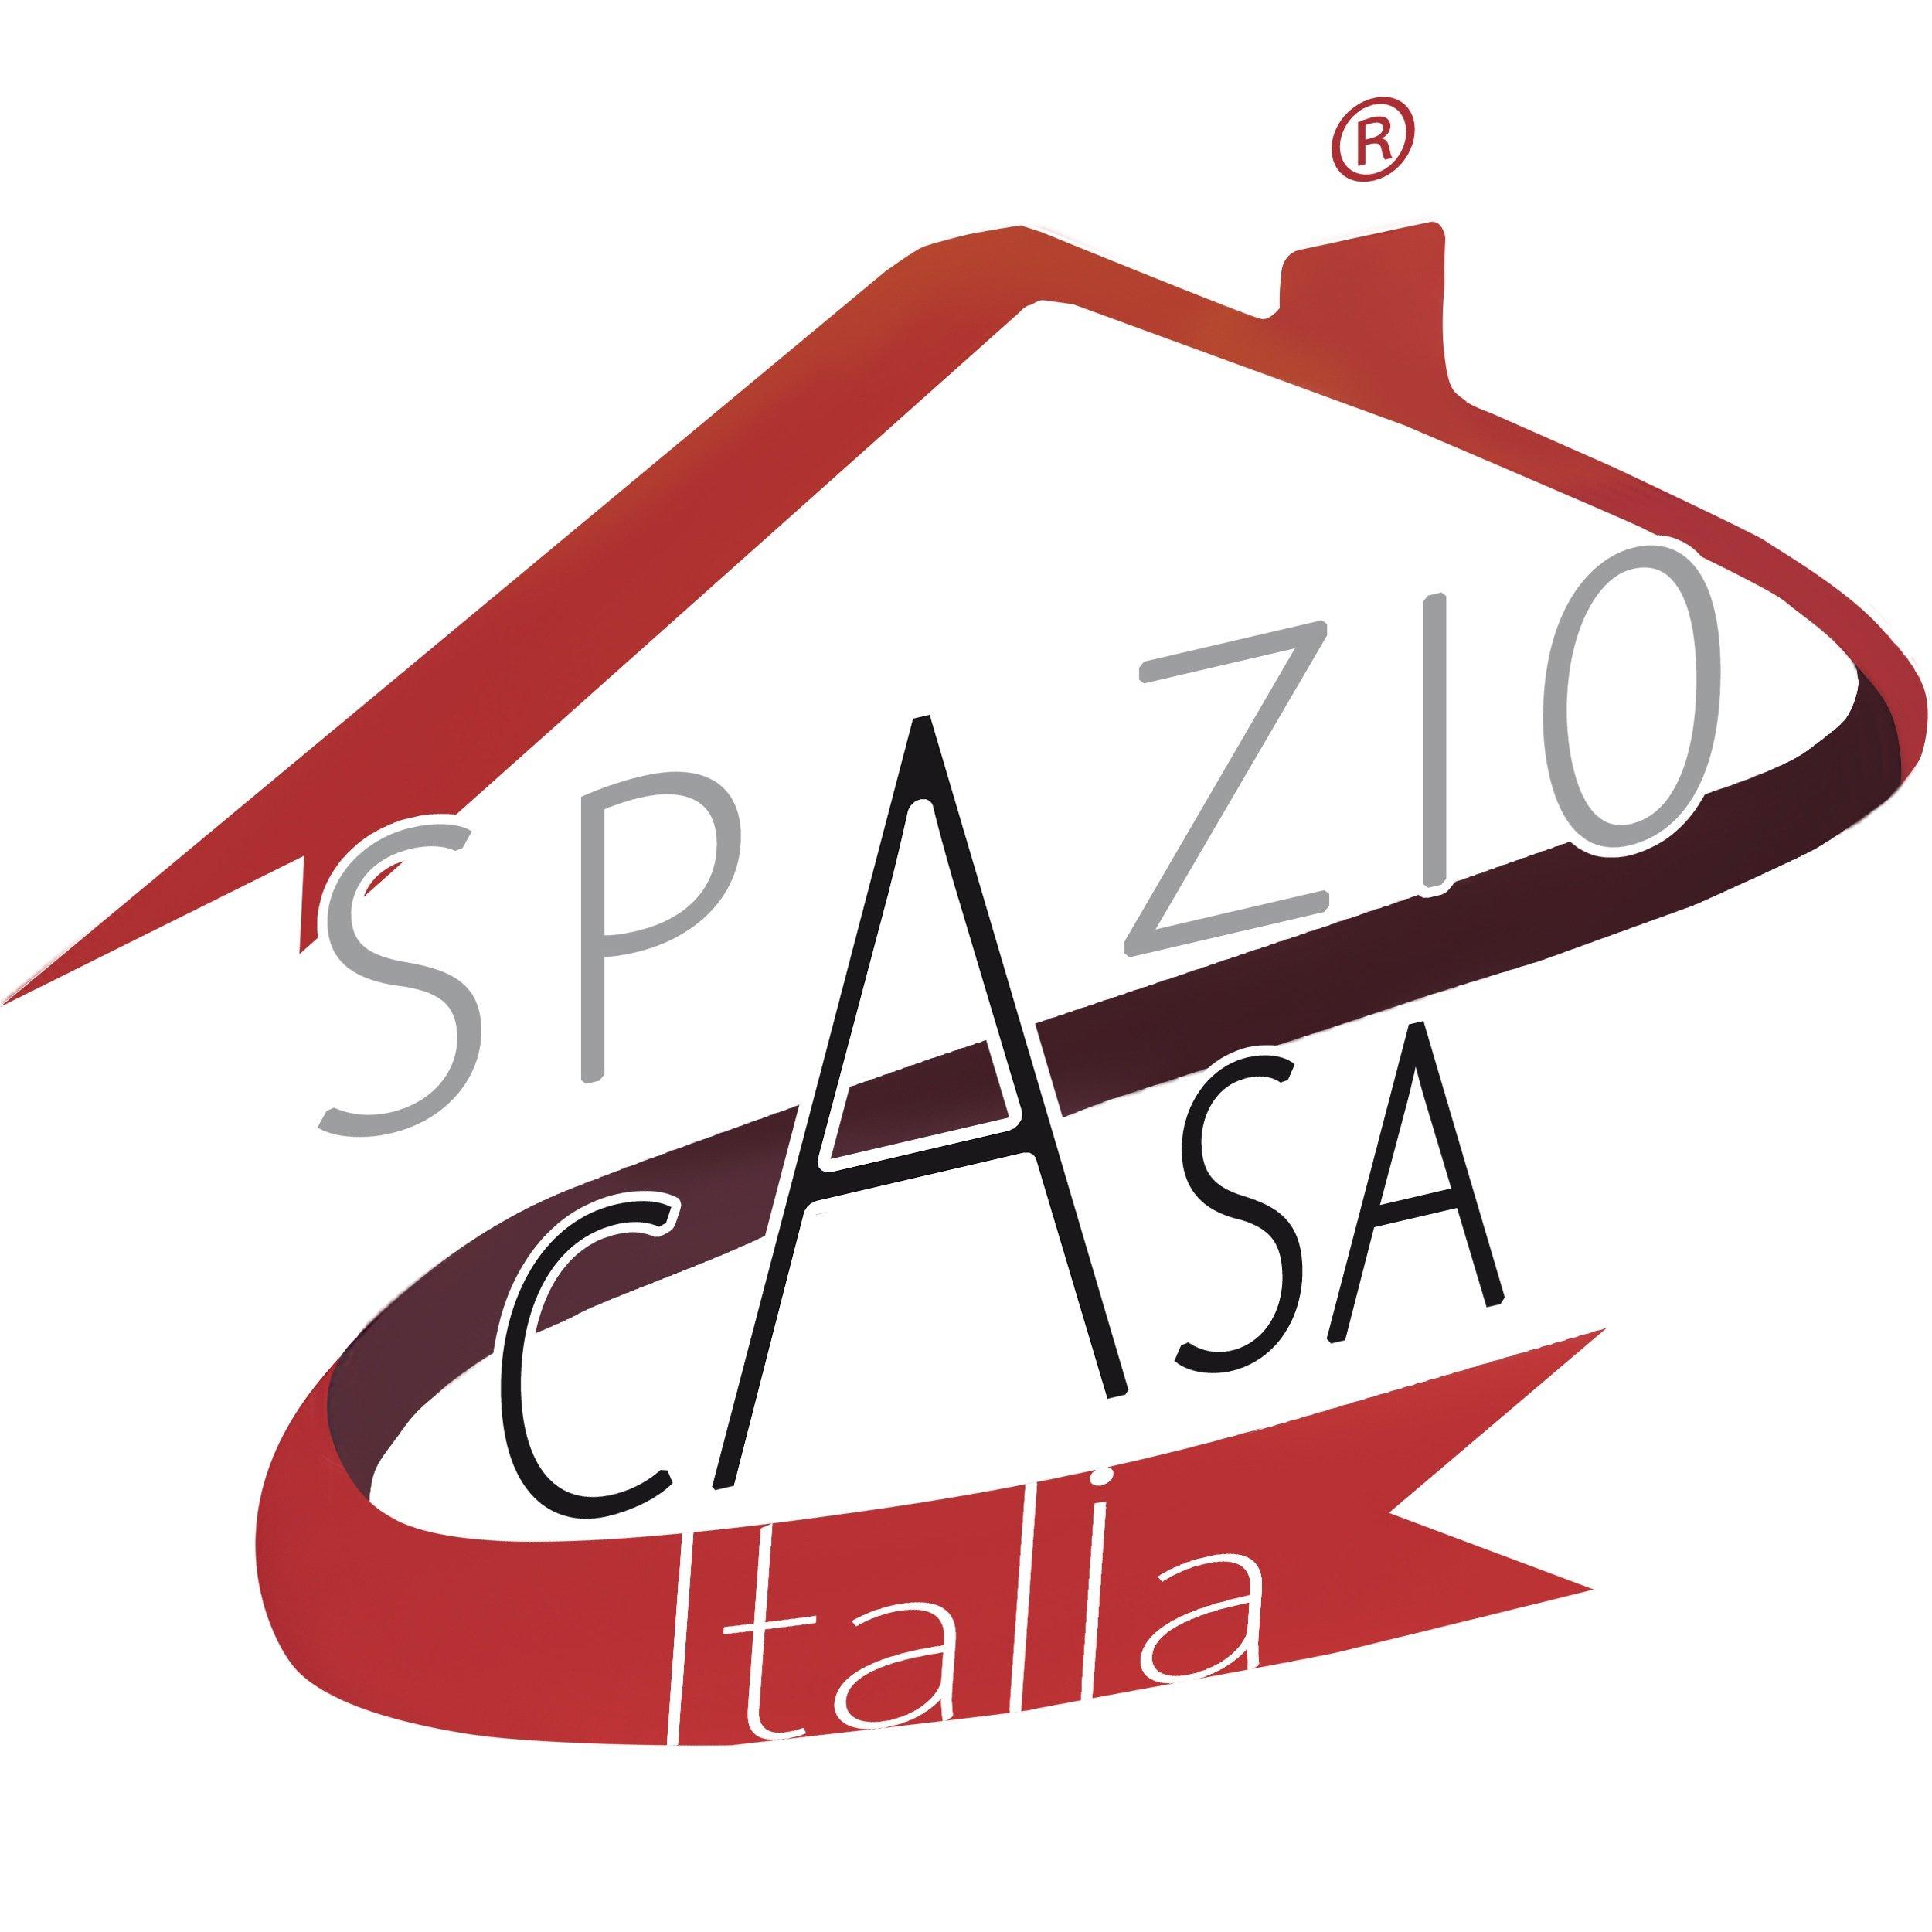 Spazio Casa Italia Spaziocasaitali Twitter